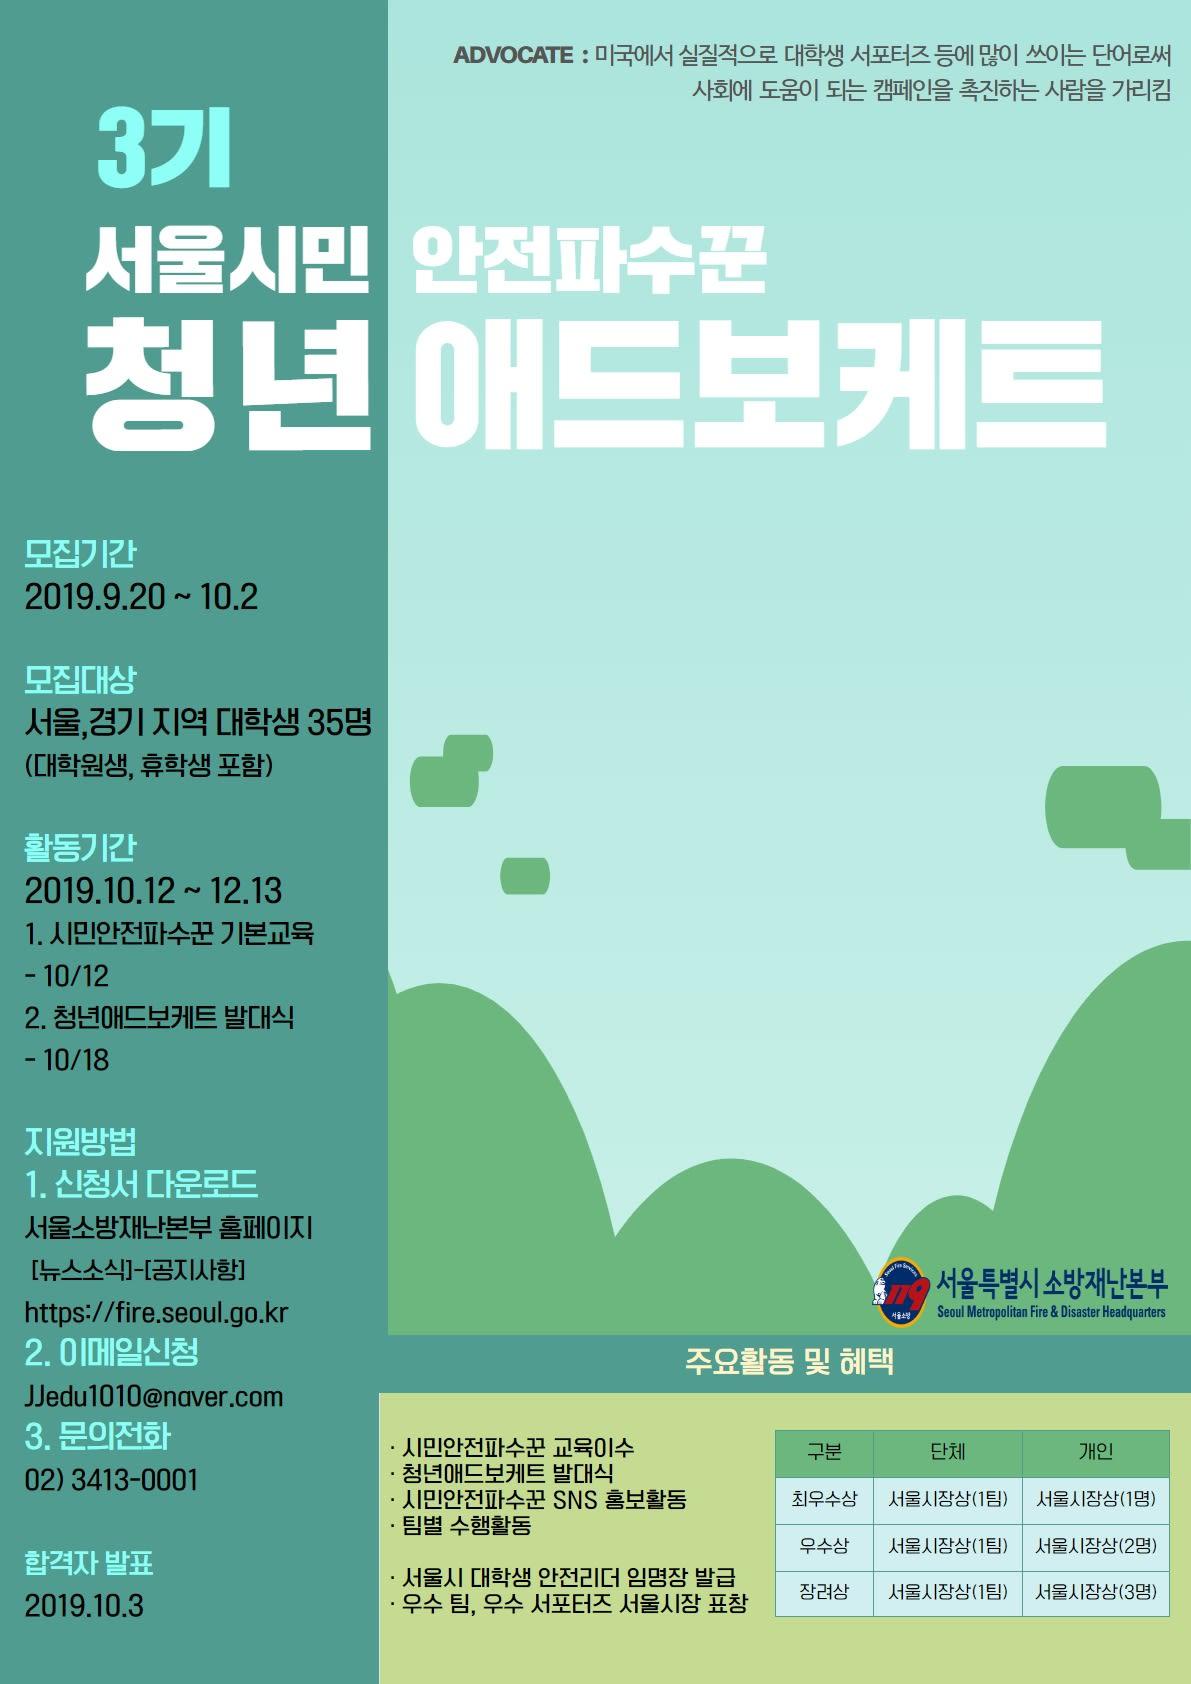 서울시청 소방재난본부 시민안전파수꾼 청년 애드보케트 3기 모집